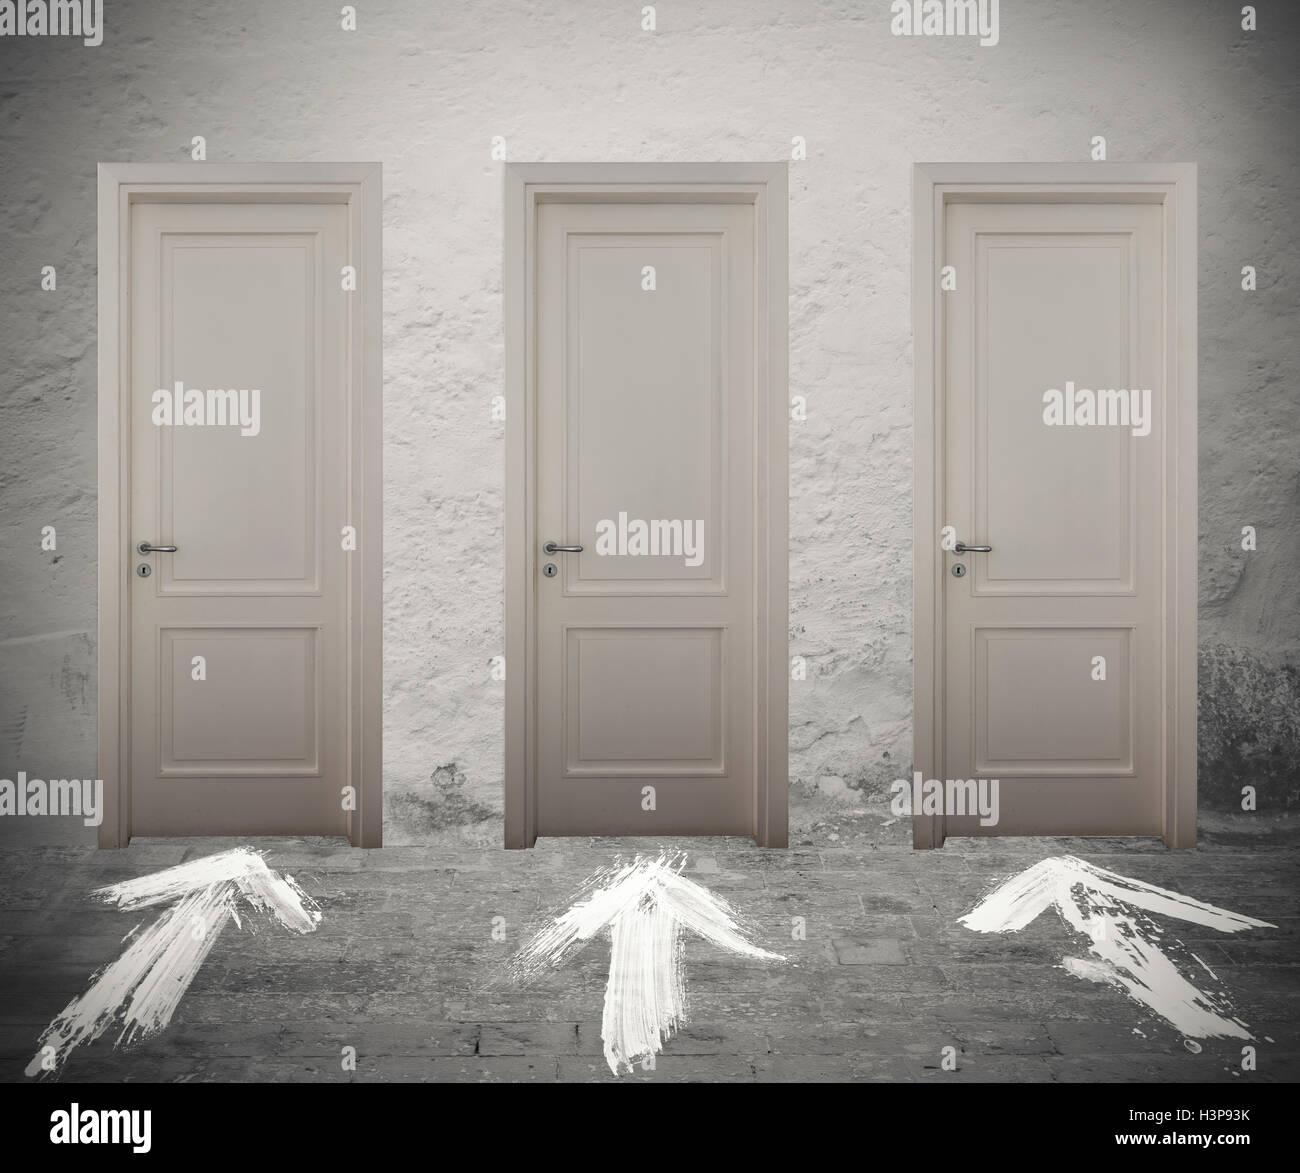 Wählen Sie die richtige Tür Stockbild